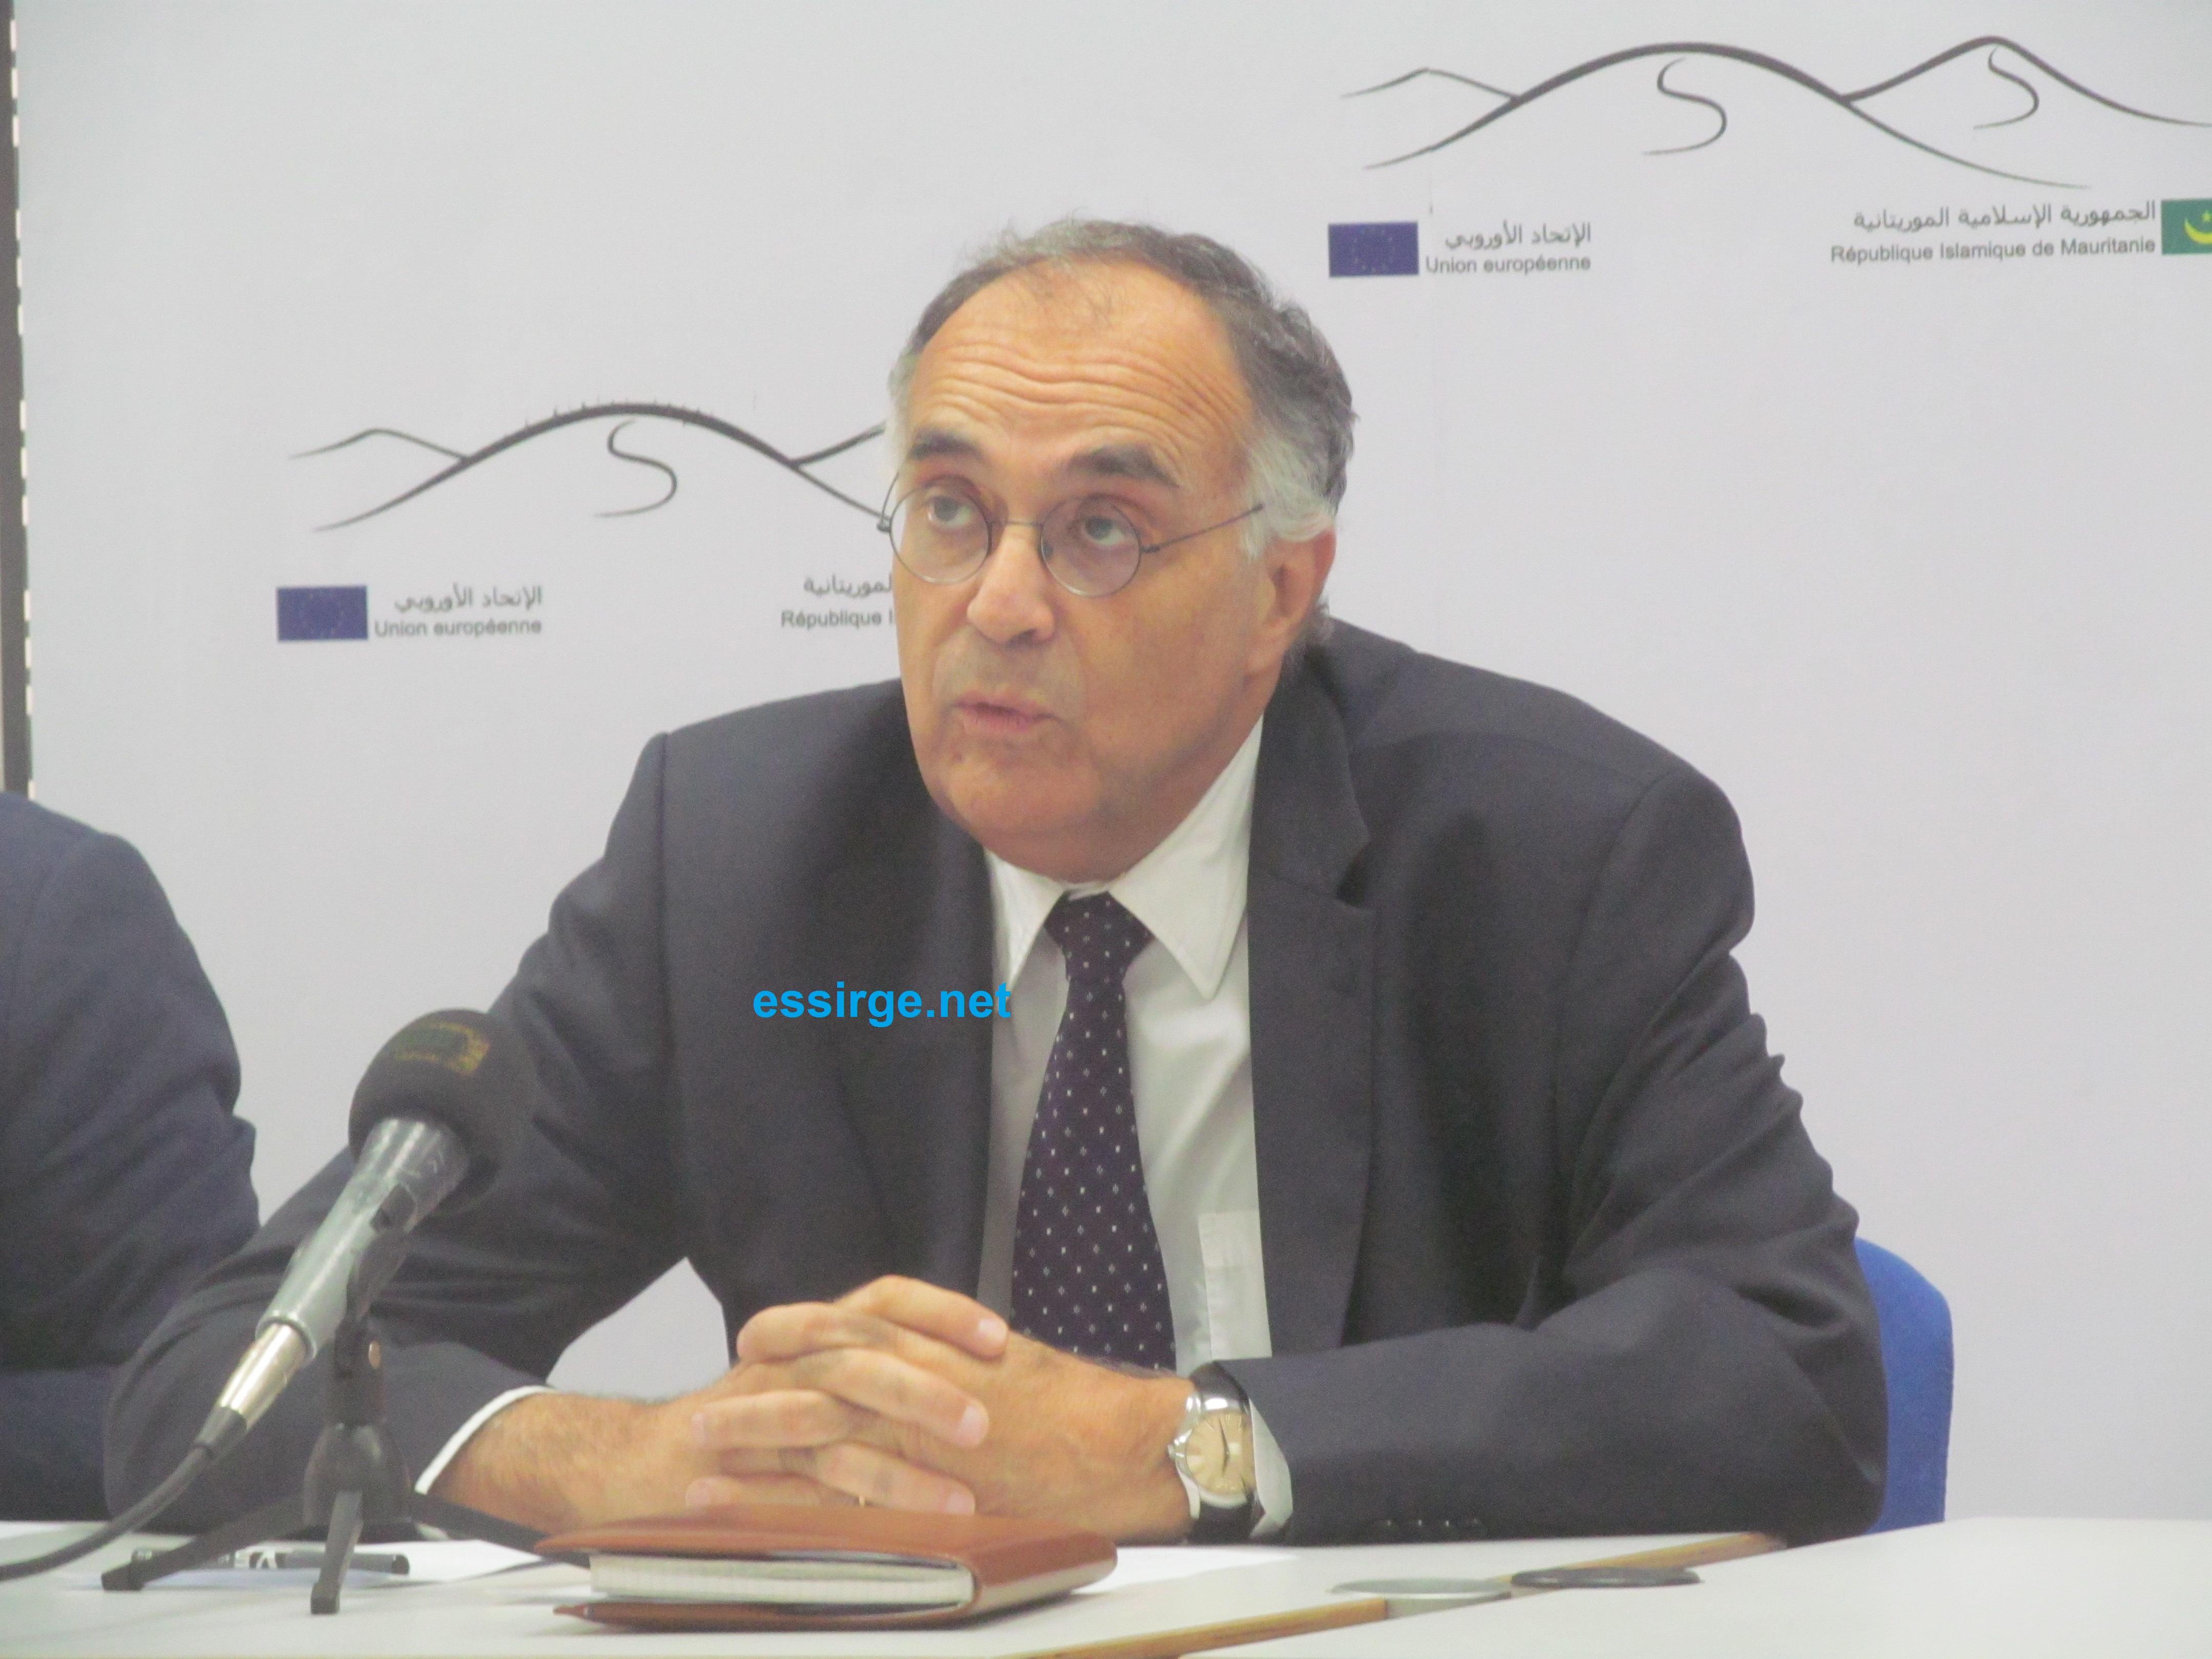 Monsieur Reveyrand-de Menthon le Représentant spécial de l'Union européenne pour la région du Sahel